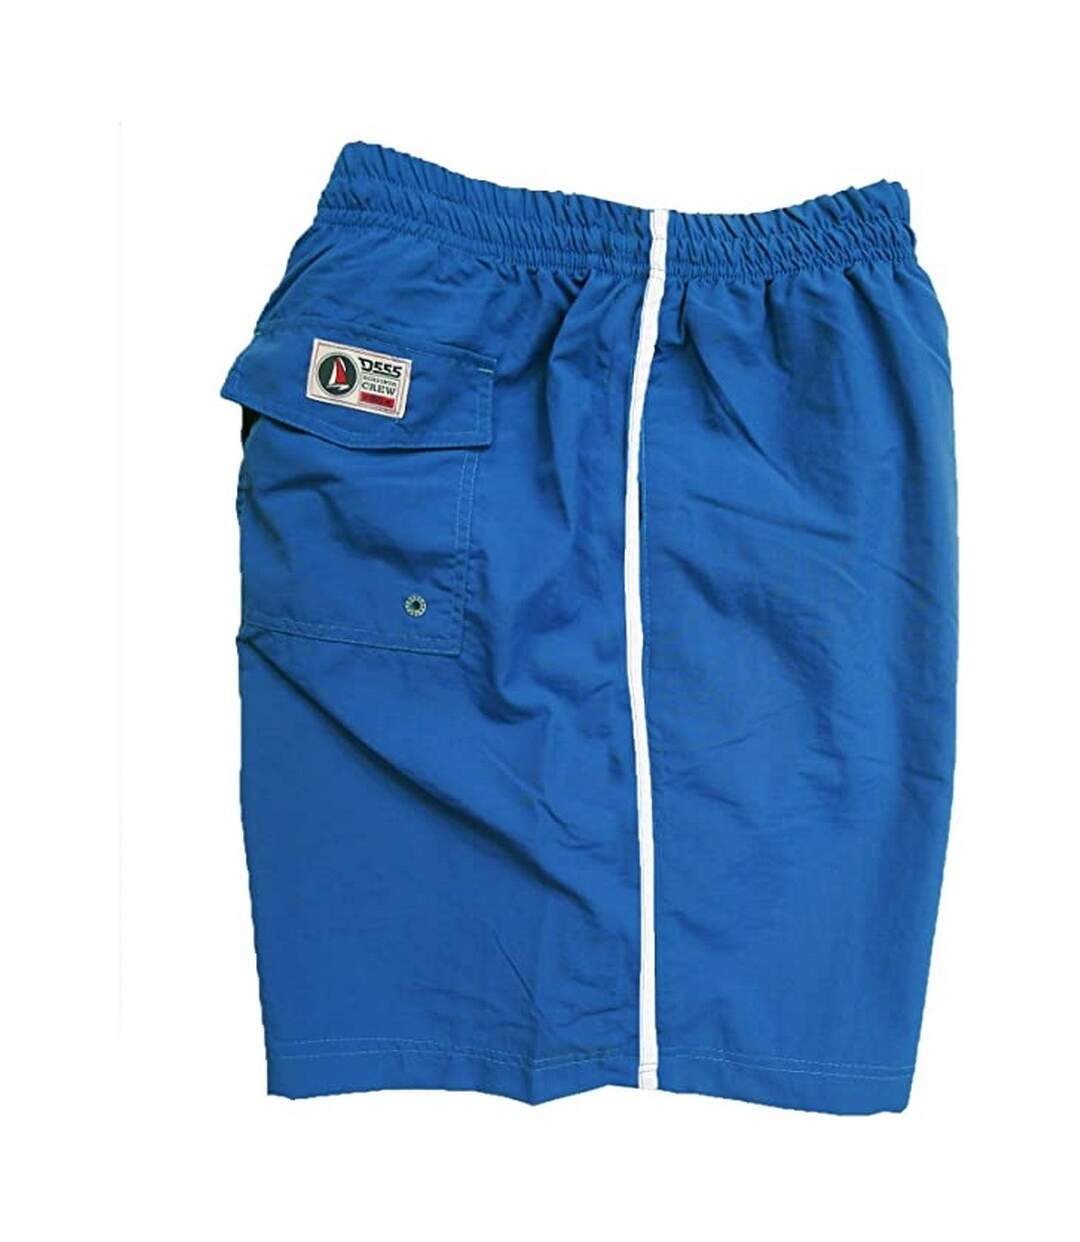 Duke Mens Yarrow Kingsize Full Length Swim Short (Royal) - UTDC193